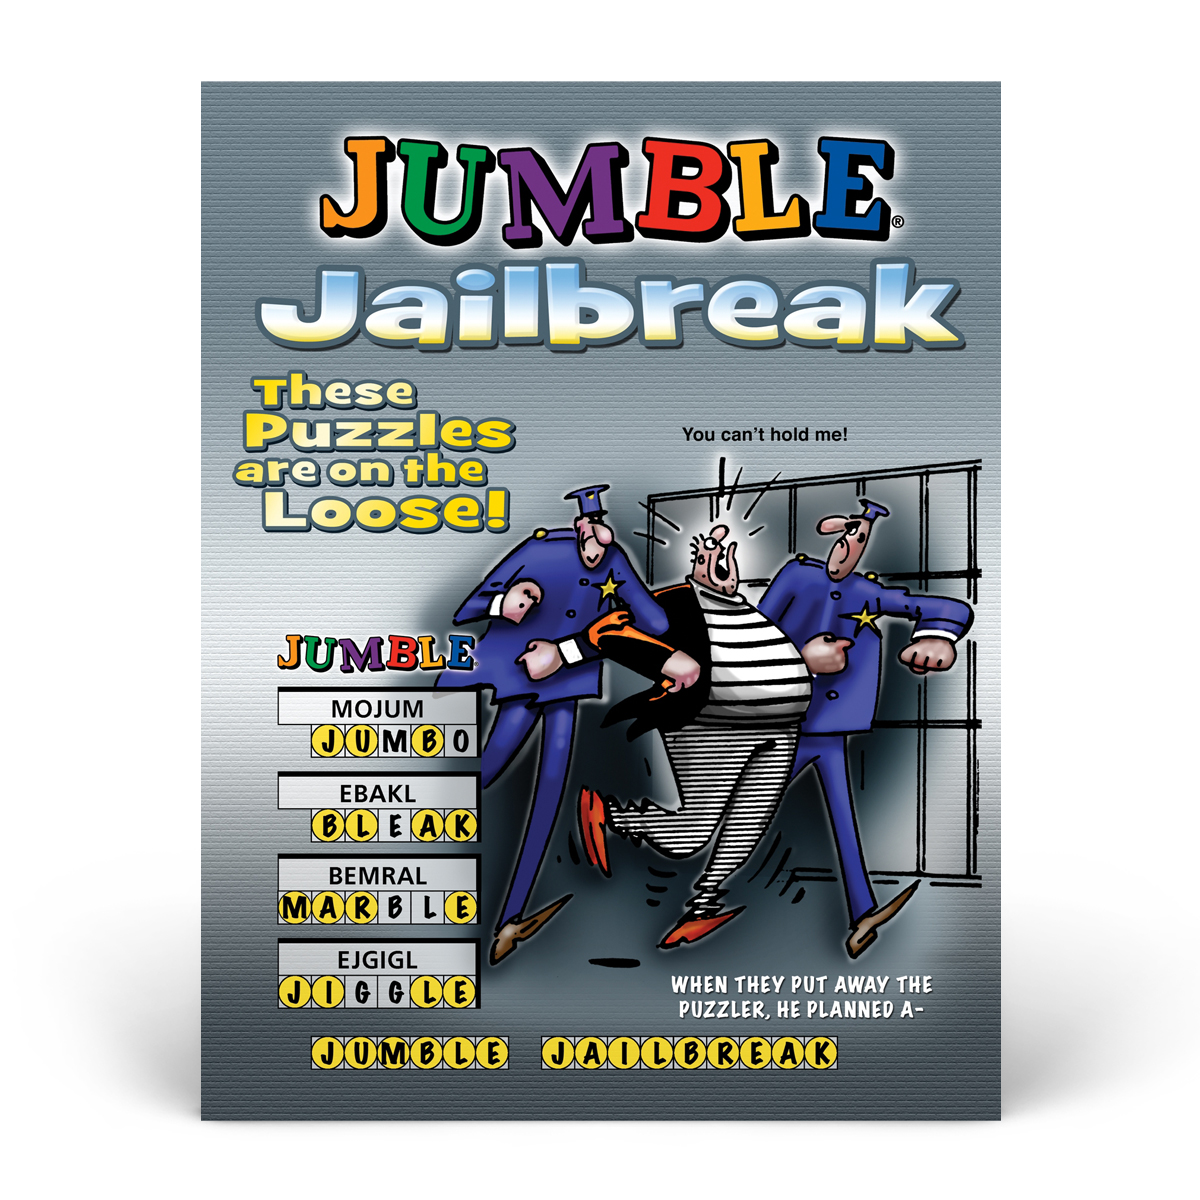 Jumble Jailbreak